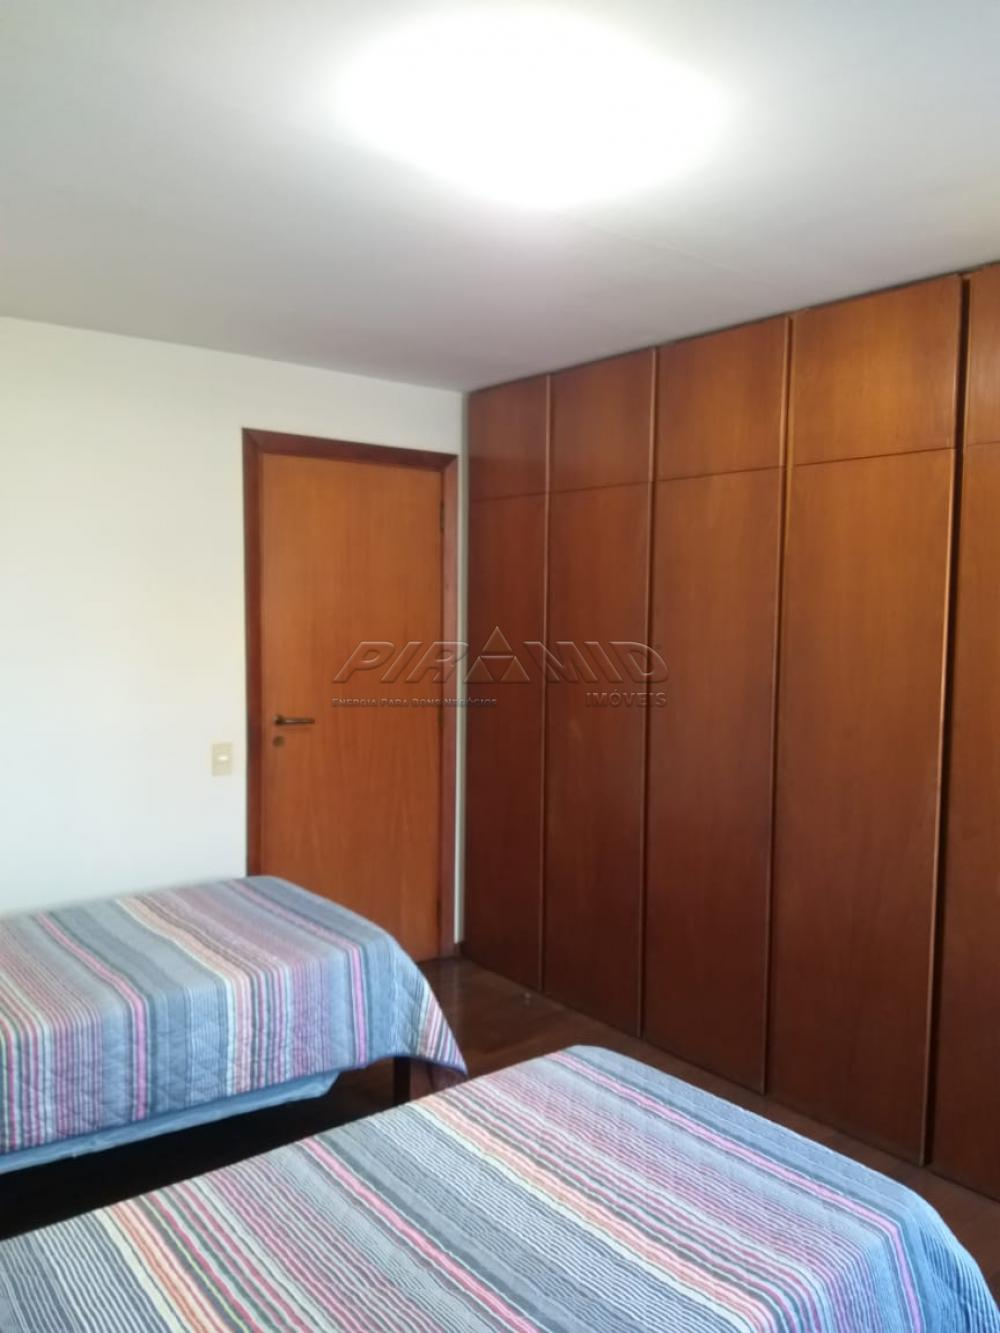 Comprar Apartamento / Padrão em Ribeirão Preto apenas R$ 680.000,00 - Foto 16